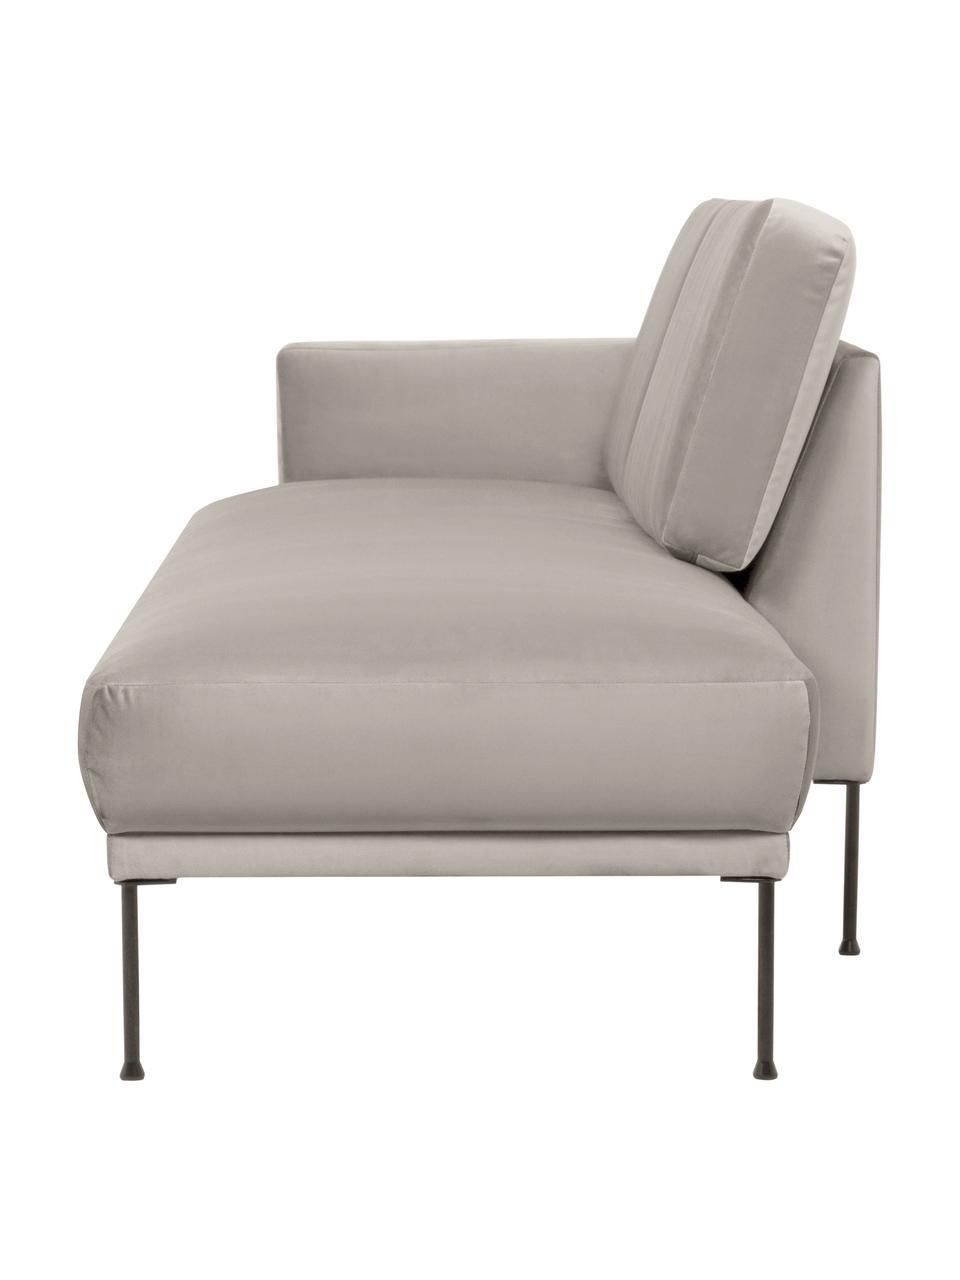 Fluwelen chaise longue Fluente in beige met metalen poten, Bekleding: fluweel (hoogwaardig poly, Frame: massief grenenhout, Poten: gepoedercoat metaal, Fluweel beige, B 202 x D 85 cm